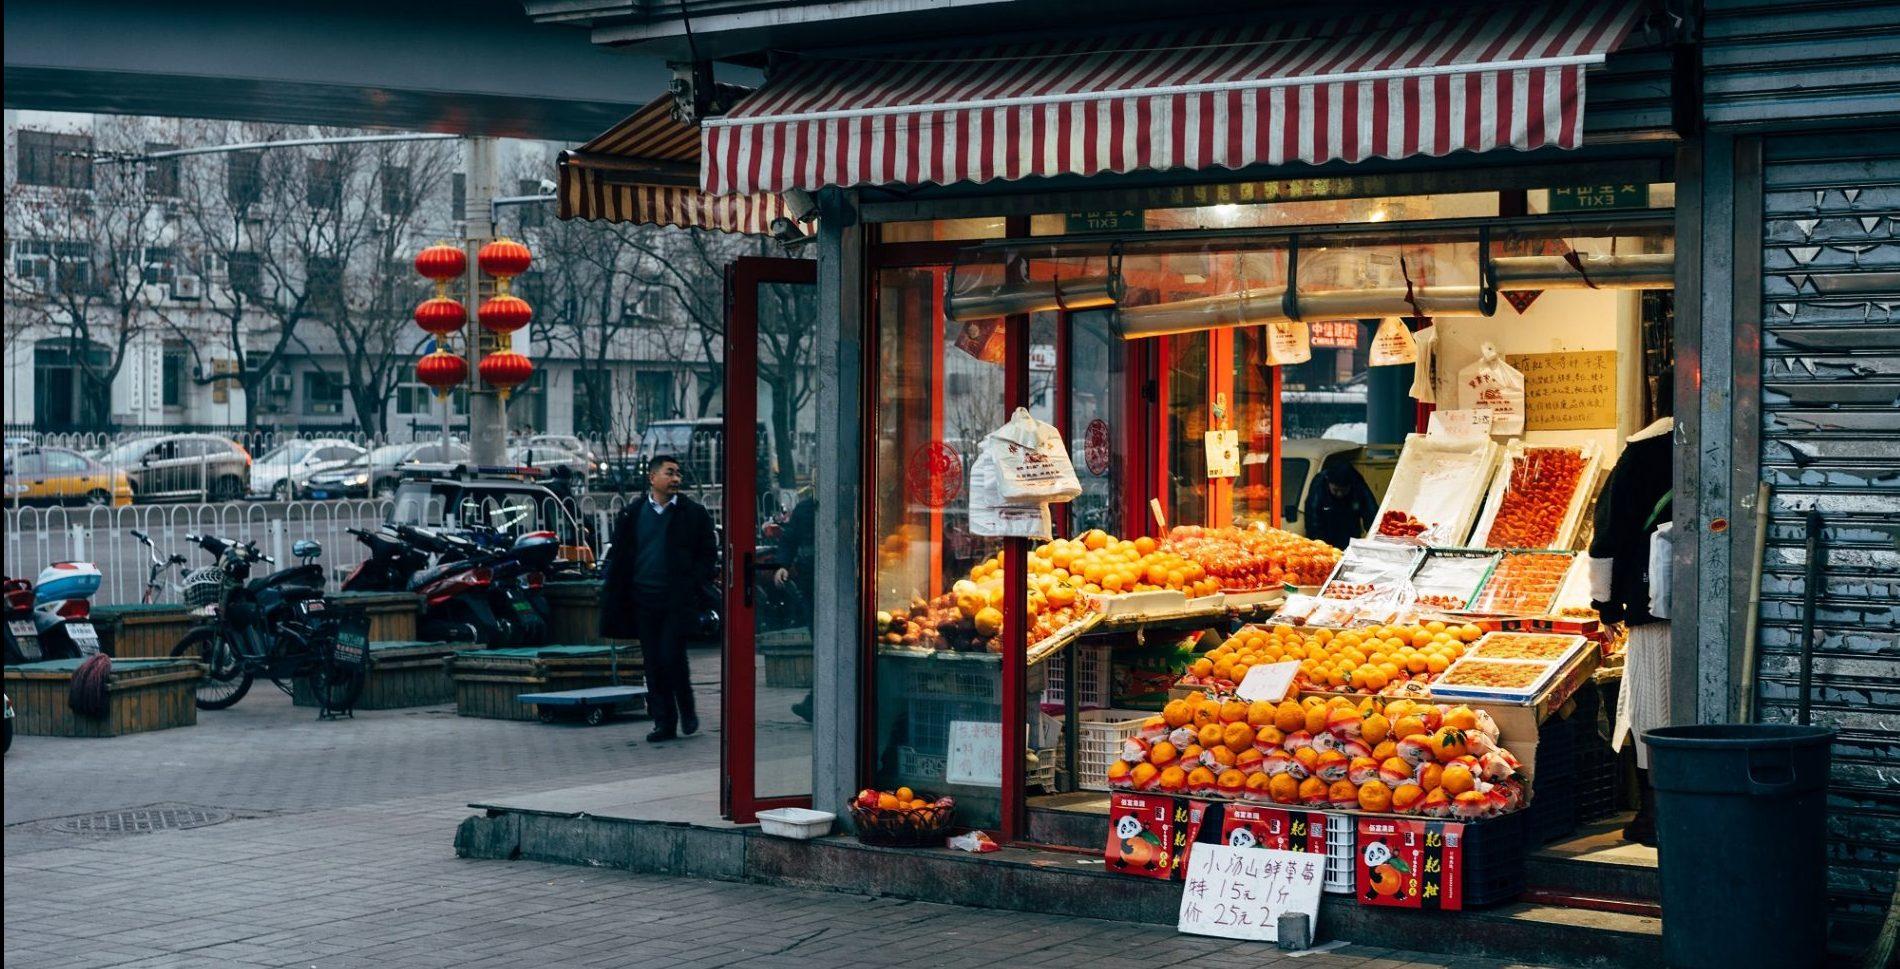 Если будете в Китае, сходите на рынок (не ради еды, так хоть ради развлечения)